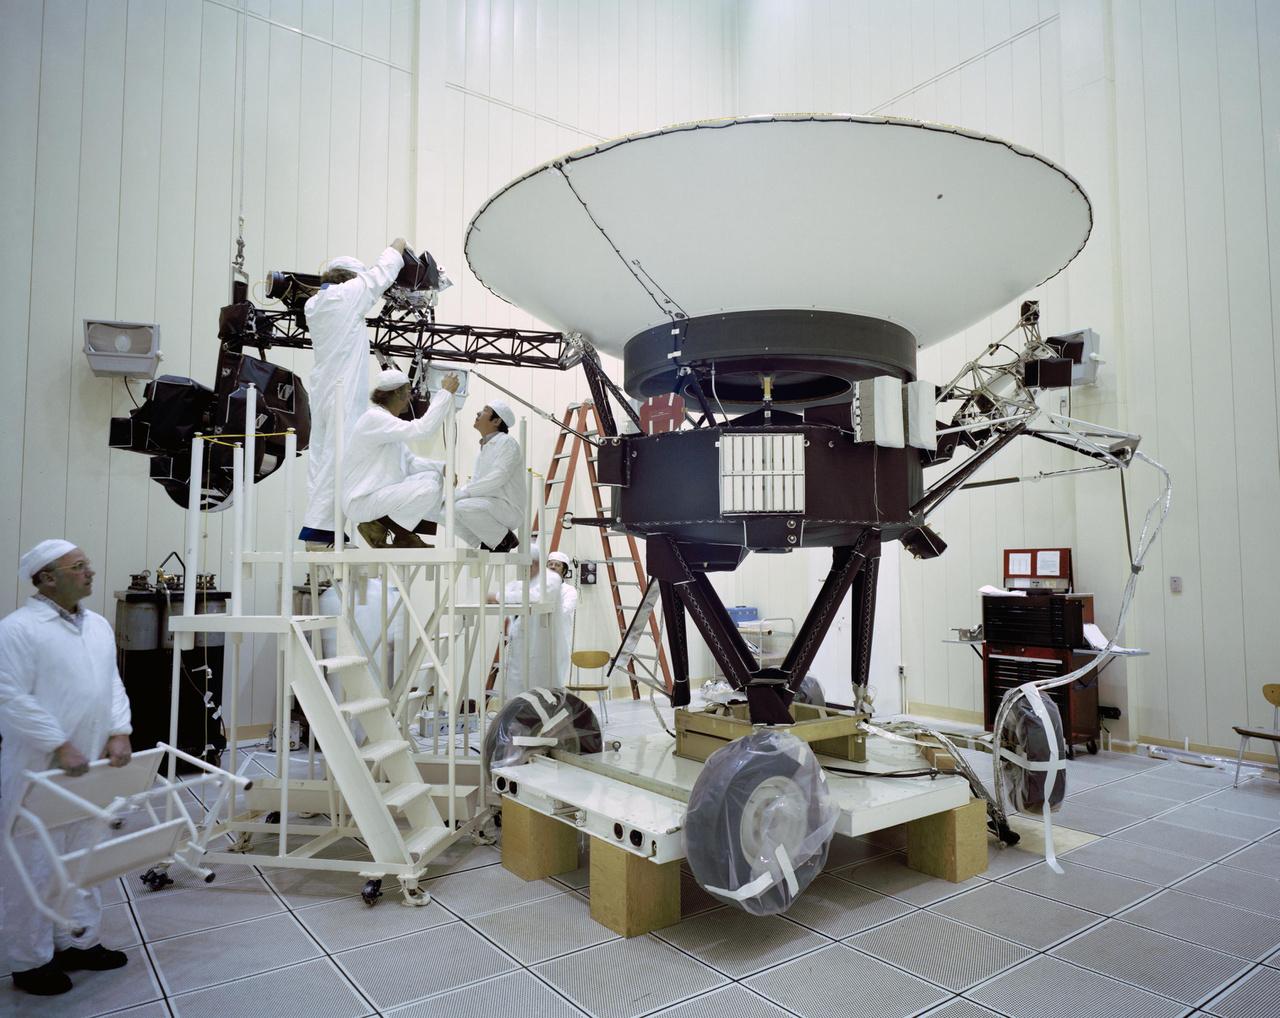 1977. március 23. Jelenet a tisztaszobából: mérnökök dolgoznak a Voyager 2 űrszondán, épp sugárzás- és részecskedetektorokat szerelnek fel az egyik tartókarra.